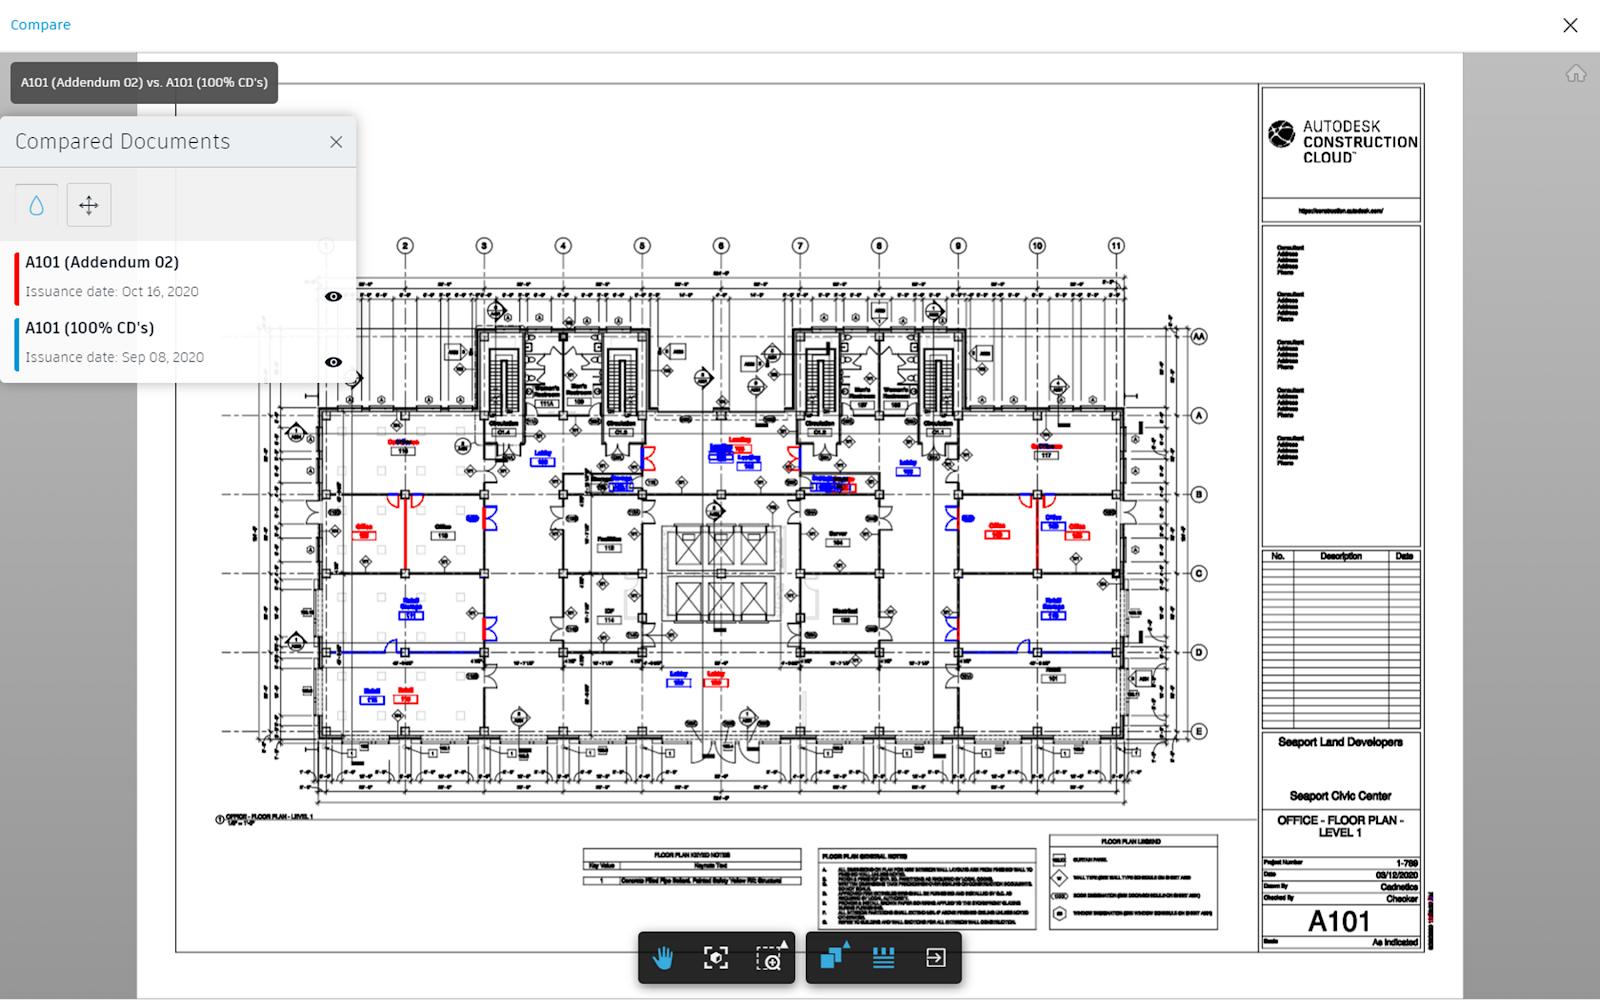 Autodesk Construction Cloud Software - 1